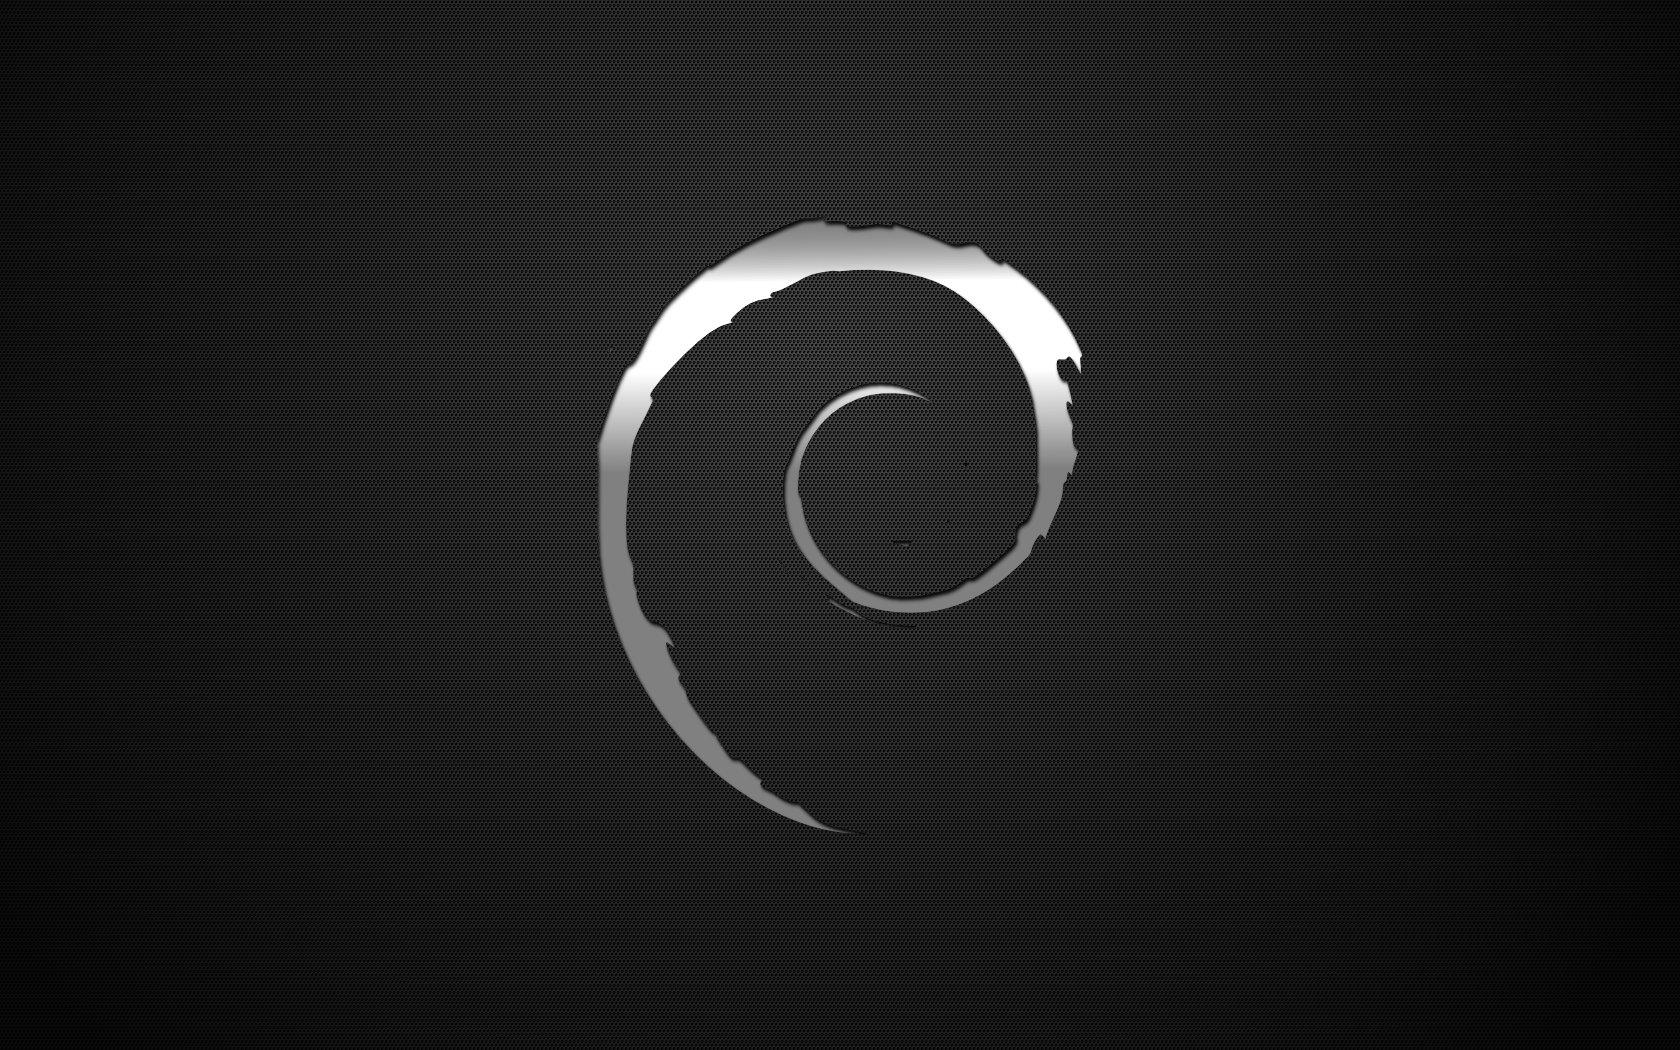 Debian Wallpaper Hd 1920x1080. 32. Debian_Steel__Dark_Mesh_by_monkeymagico.jpg